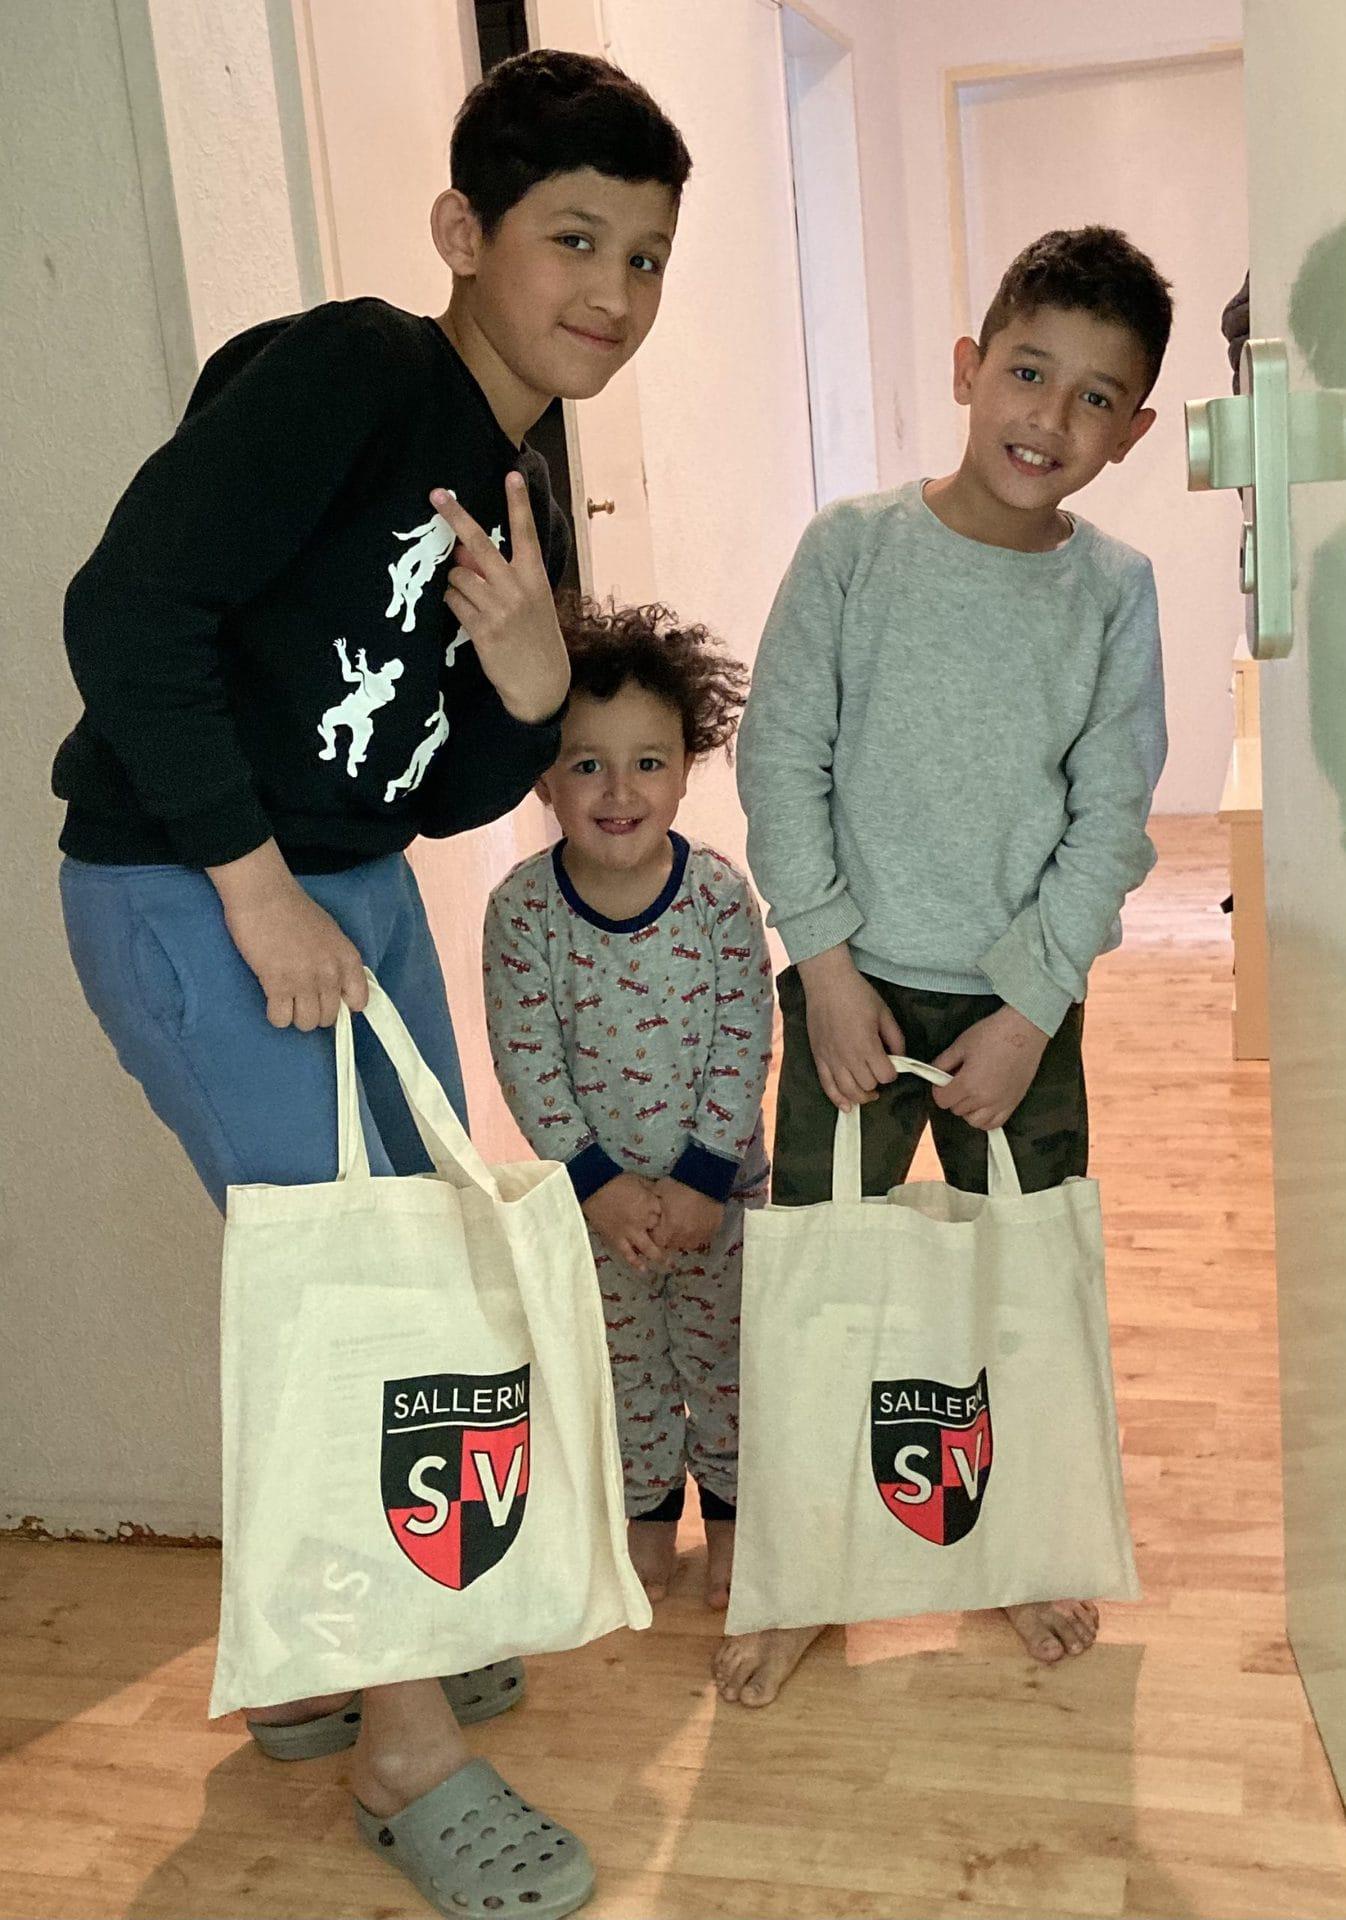 Osteraktion der Jugend des SV Sallern Päckchen gegen Langeweile